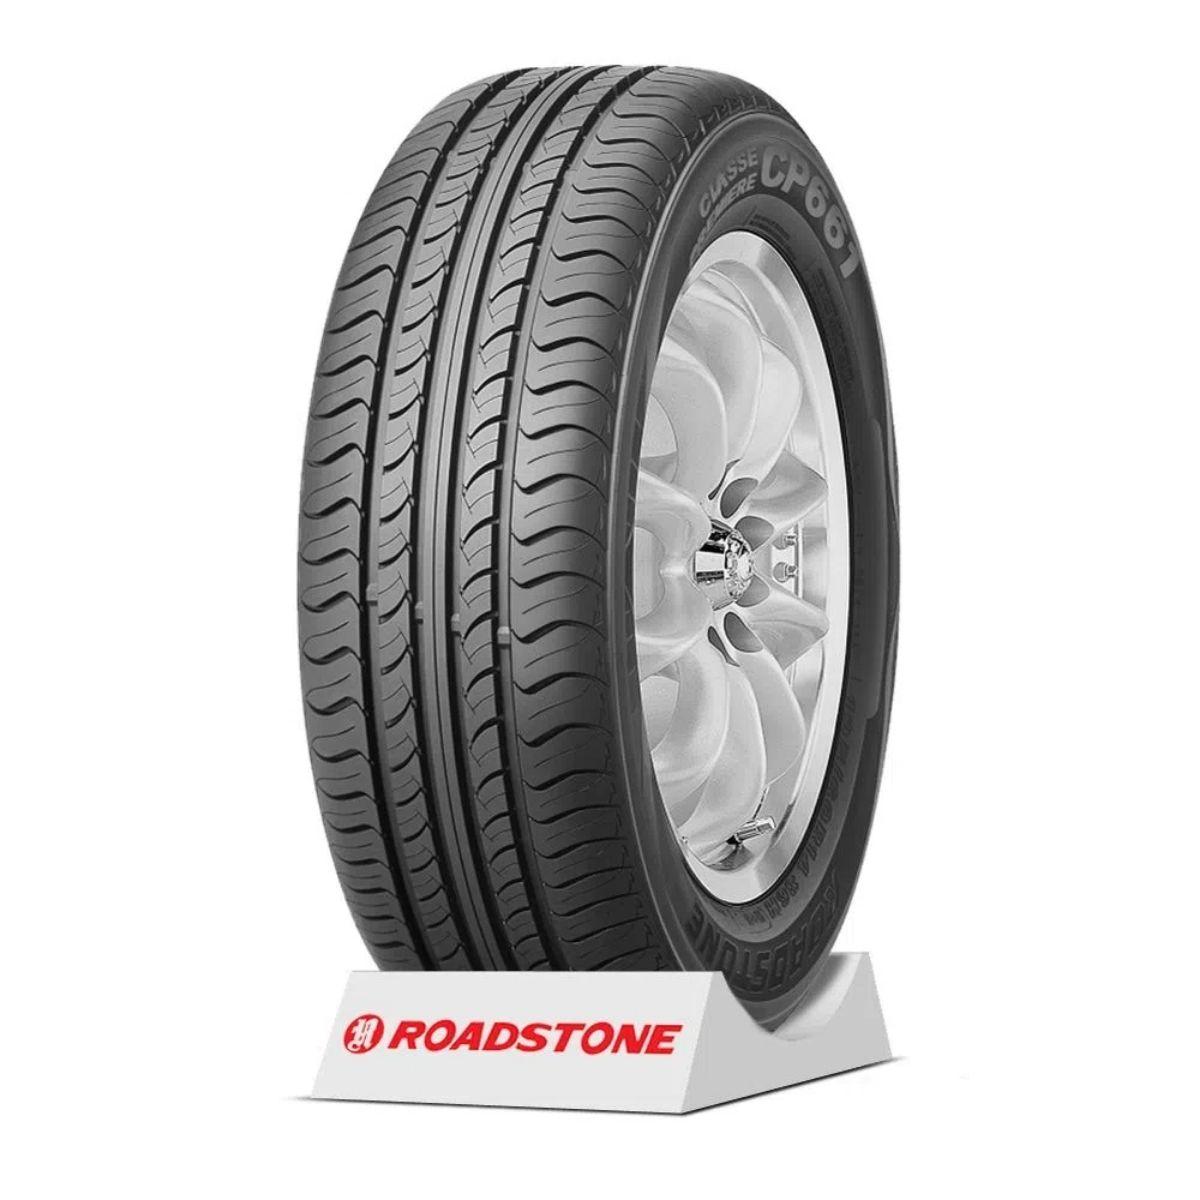 Pneu Roadstone Classe Premiere CP661 235/60R16 R14 100H